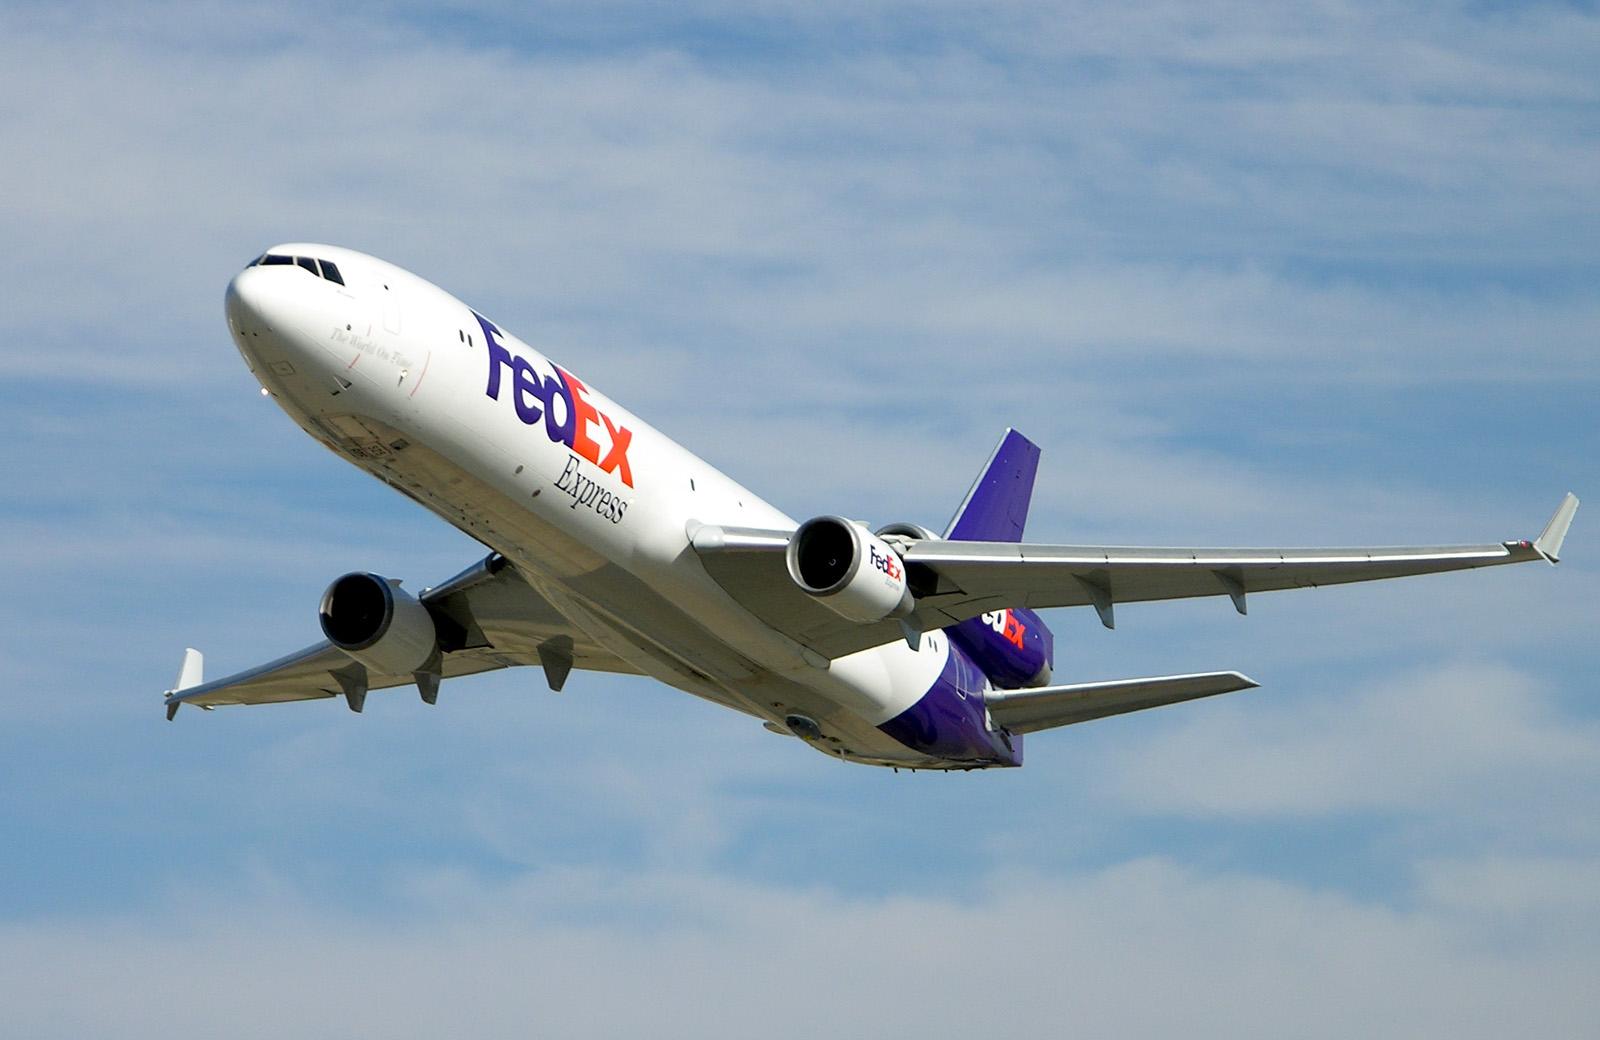 Fedex-md11-N525FE-051109-21-16.jpeg